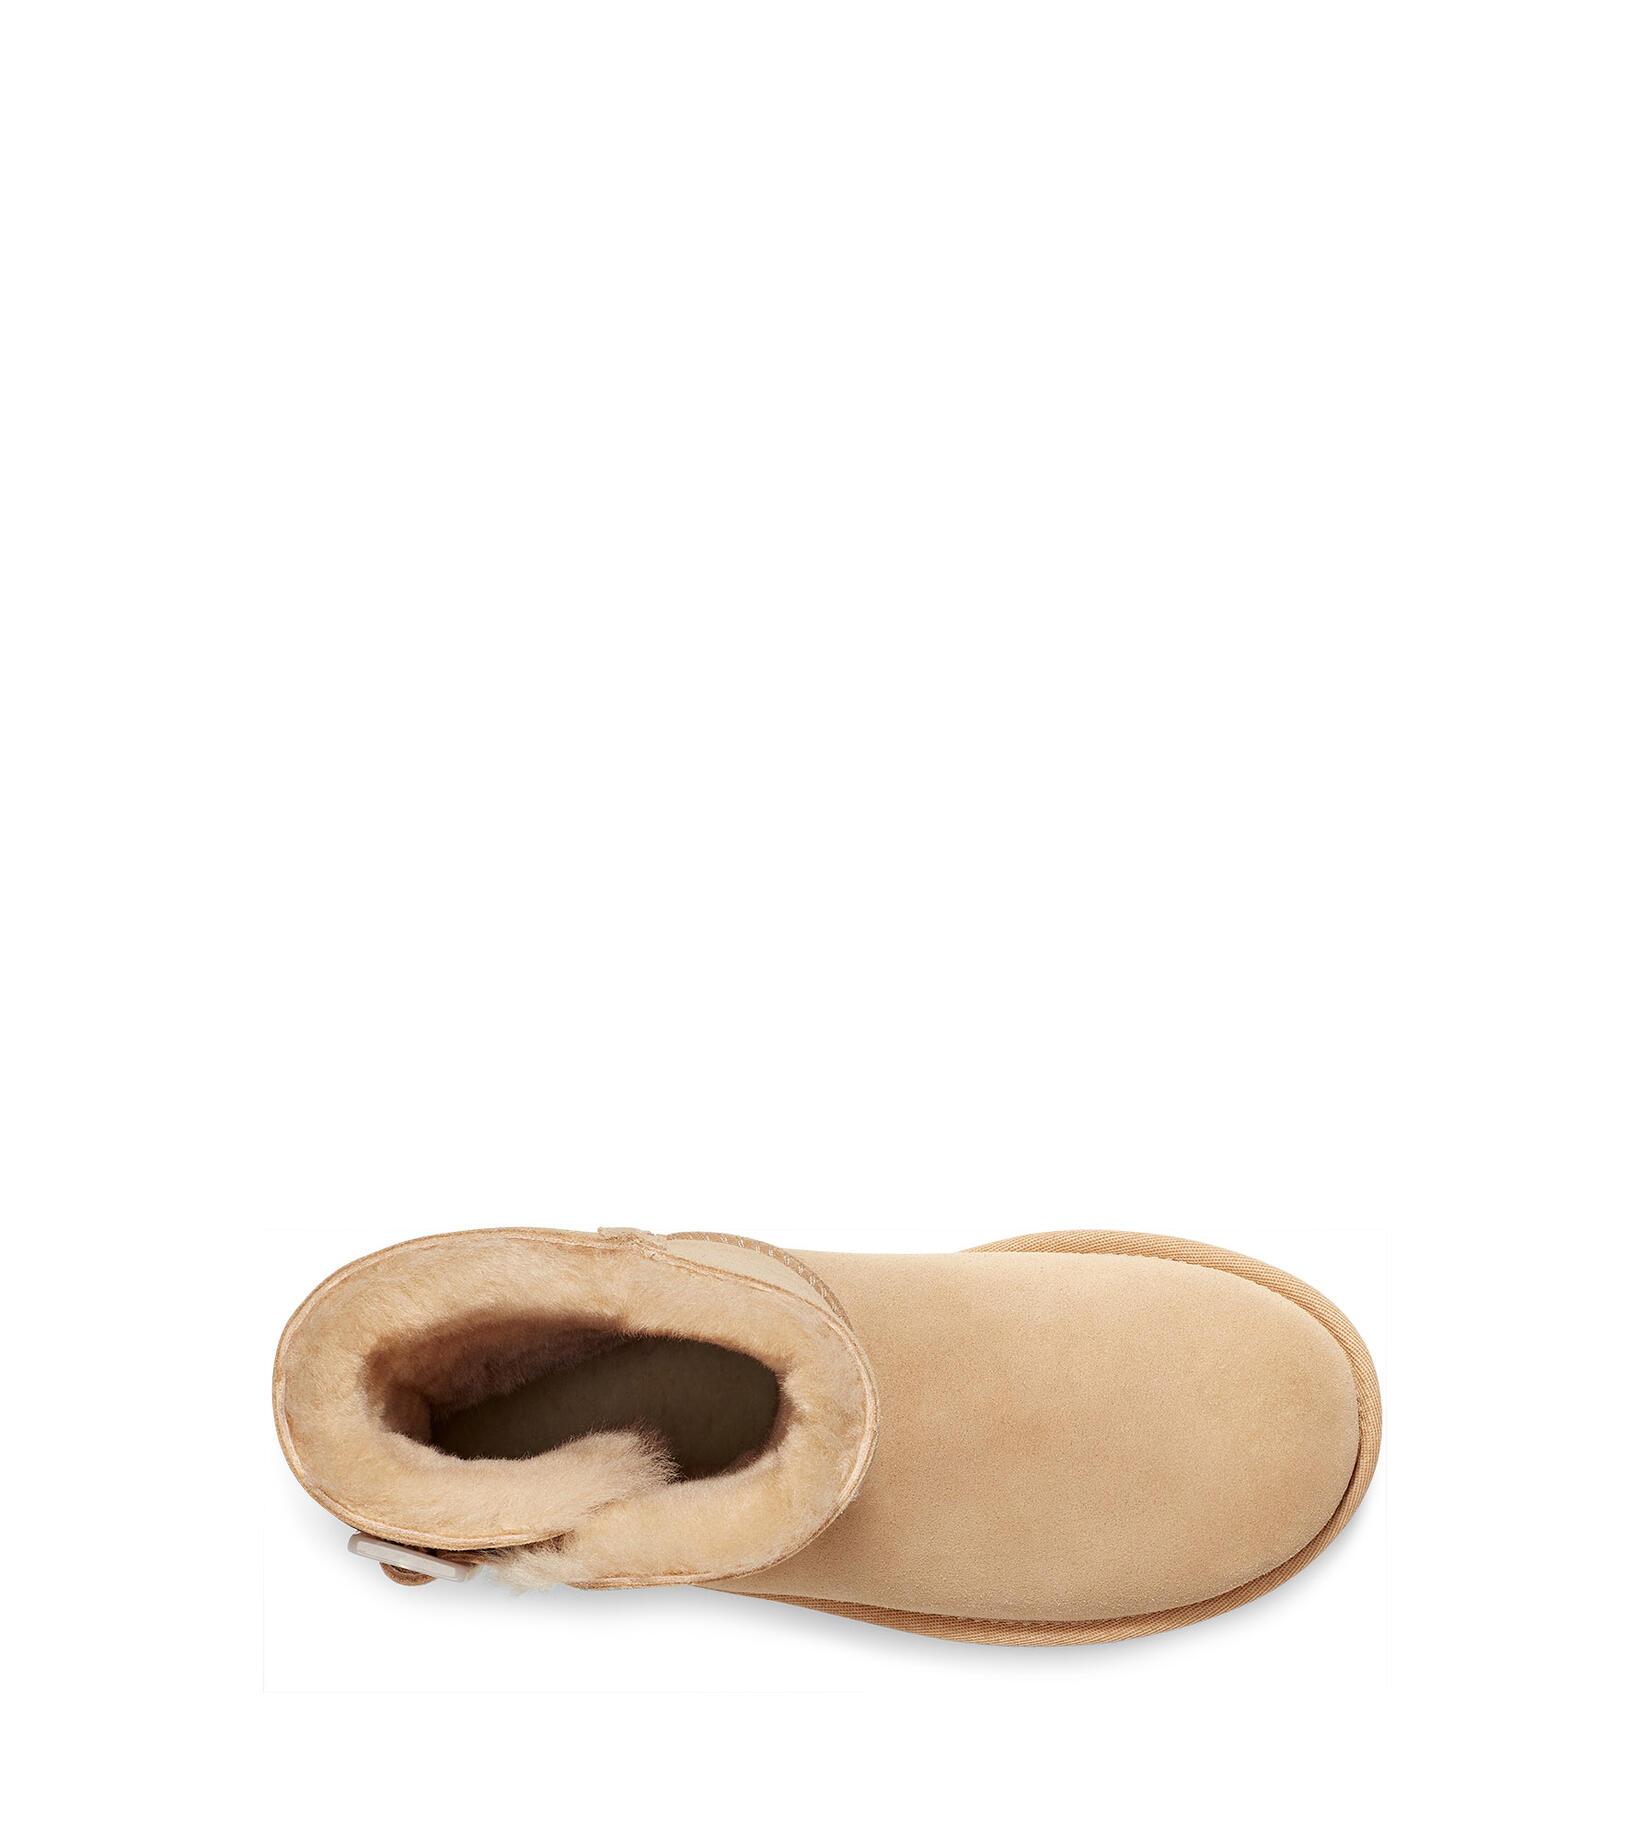 Bailey Fashion Buckle Boot